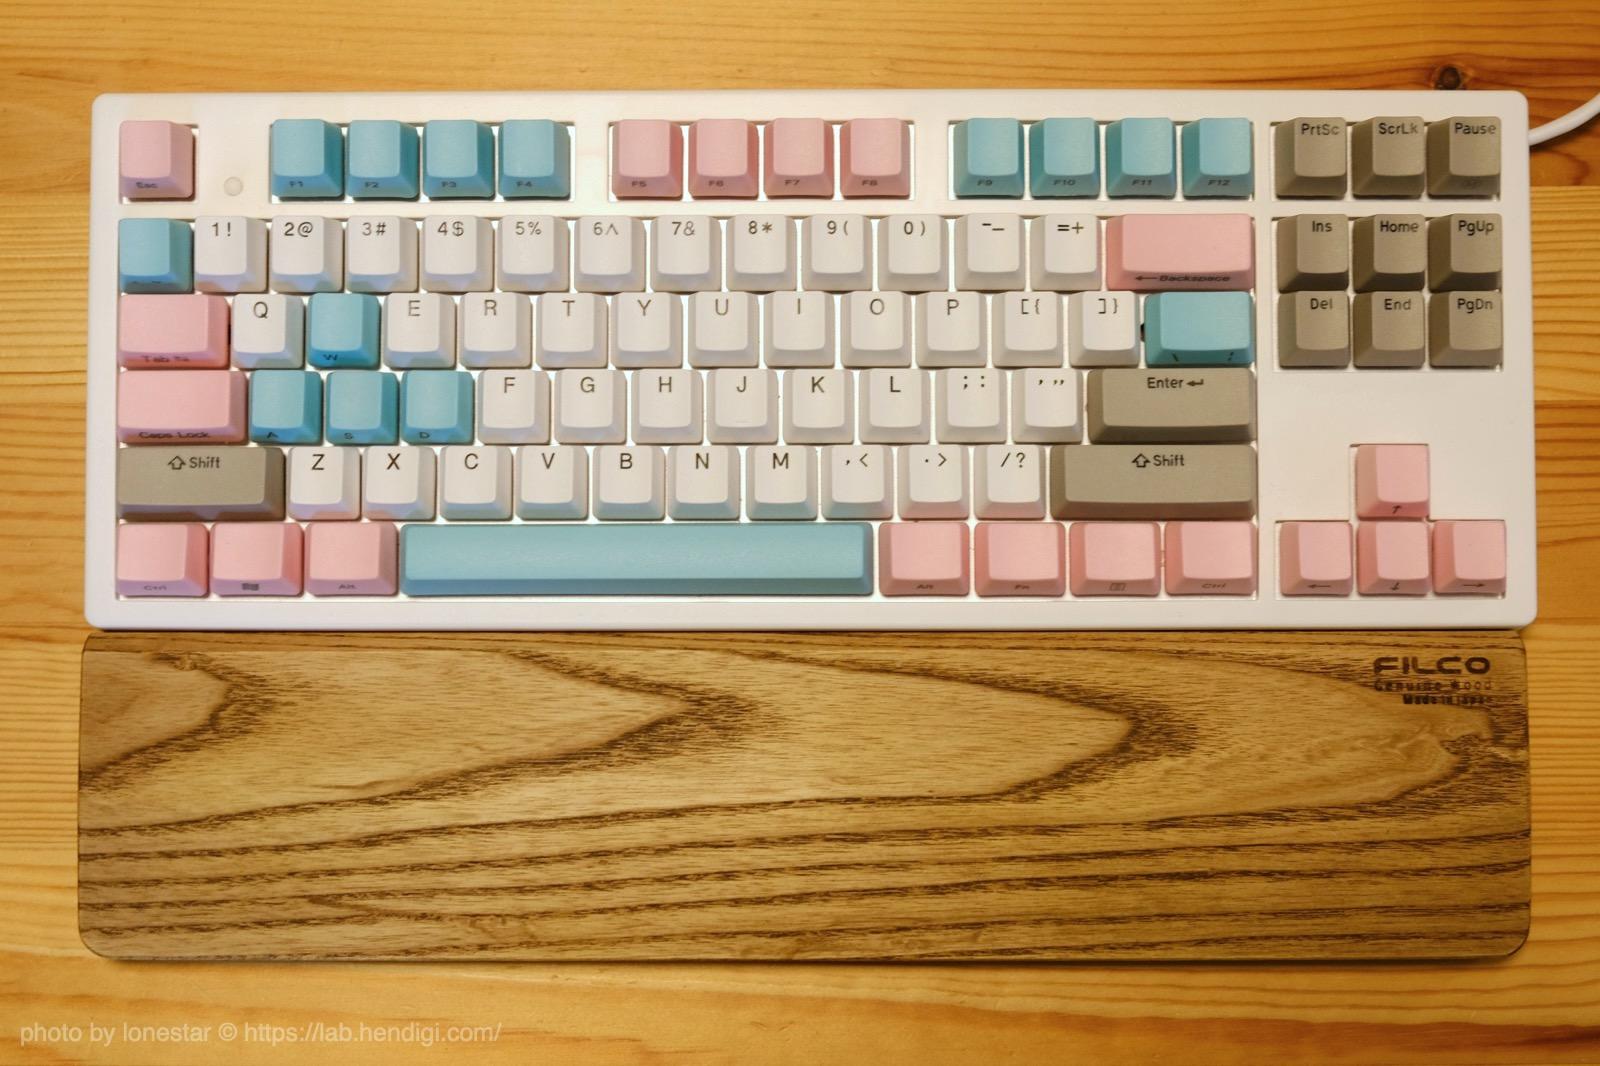 NIZ Waterproof 87 Keyboard